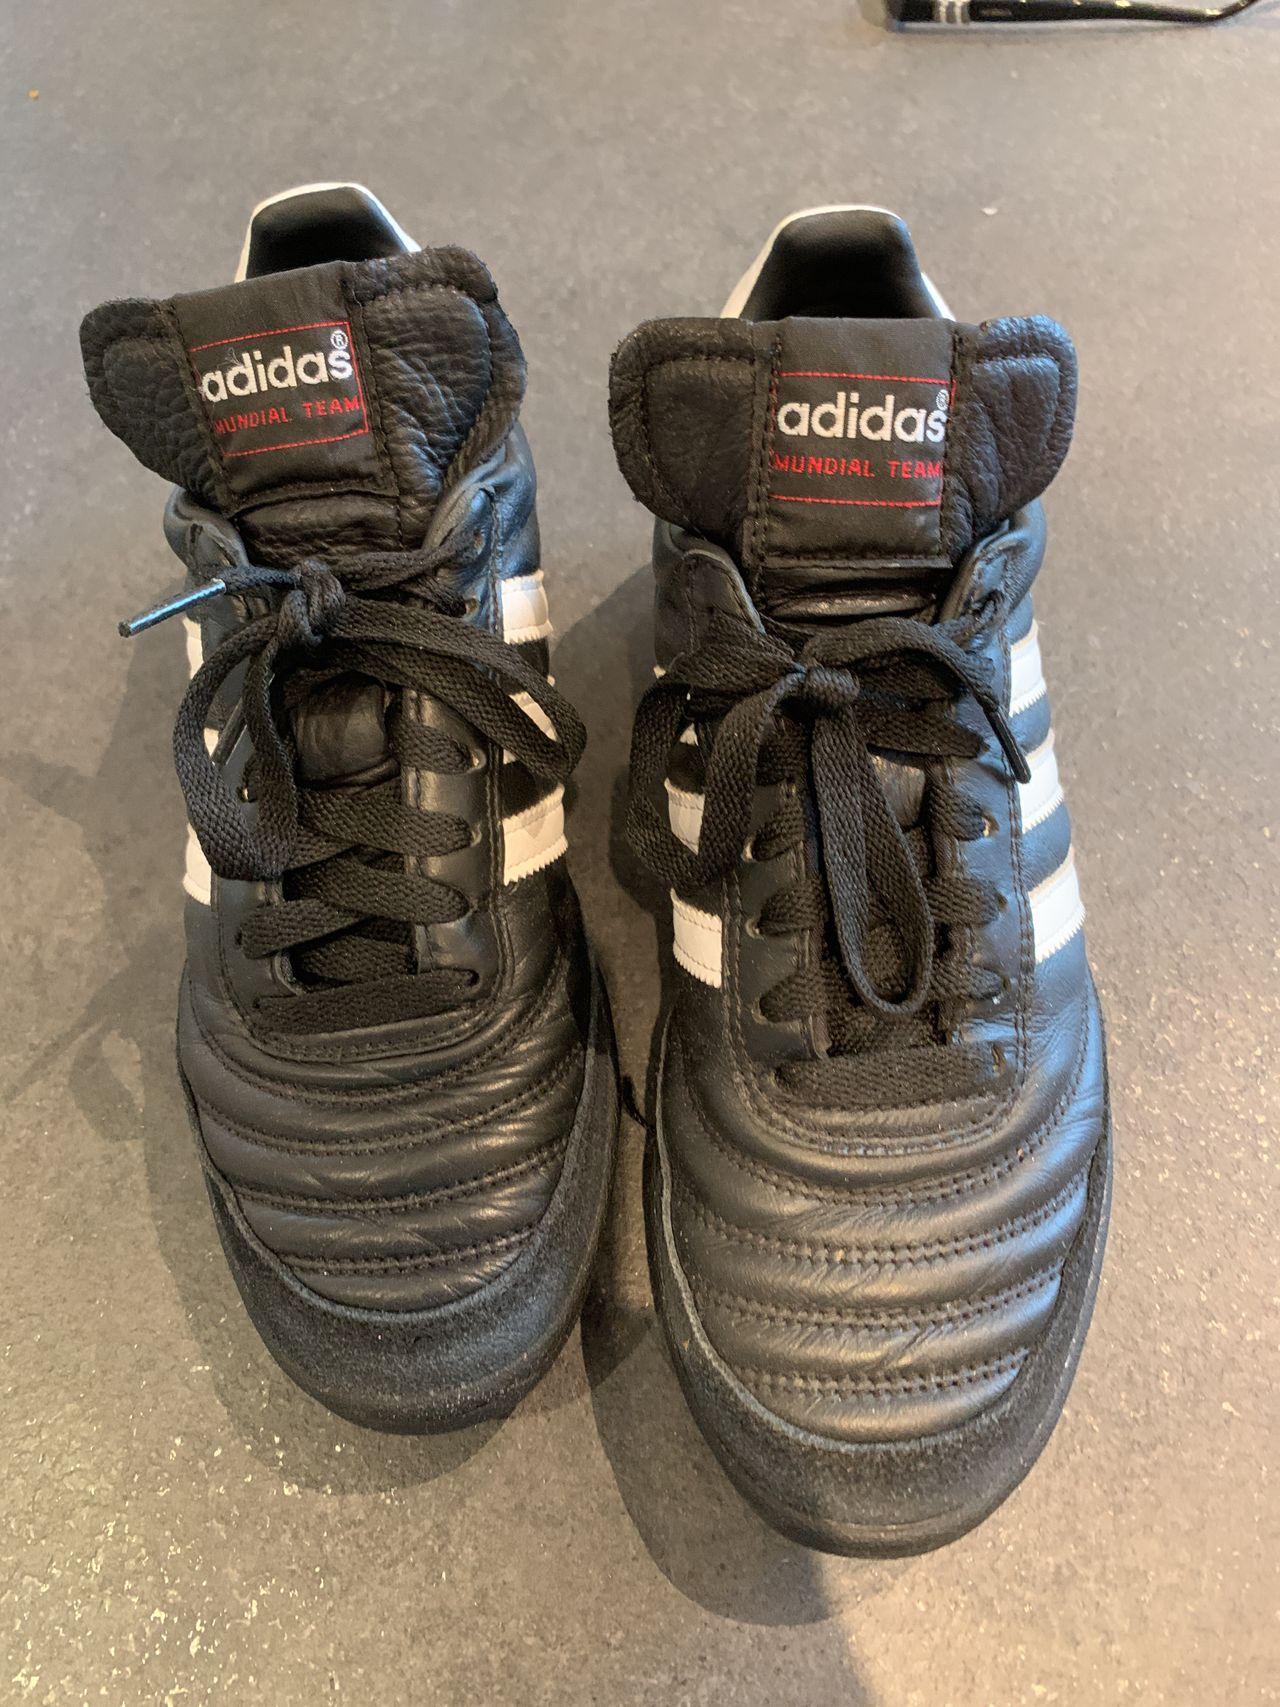 Leter du etter Adidas Mundial Team fotballsko? | Sammenlign